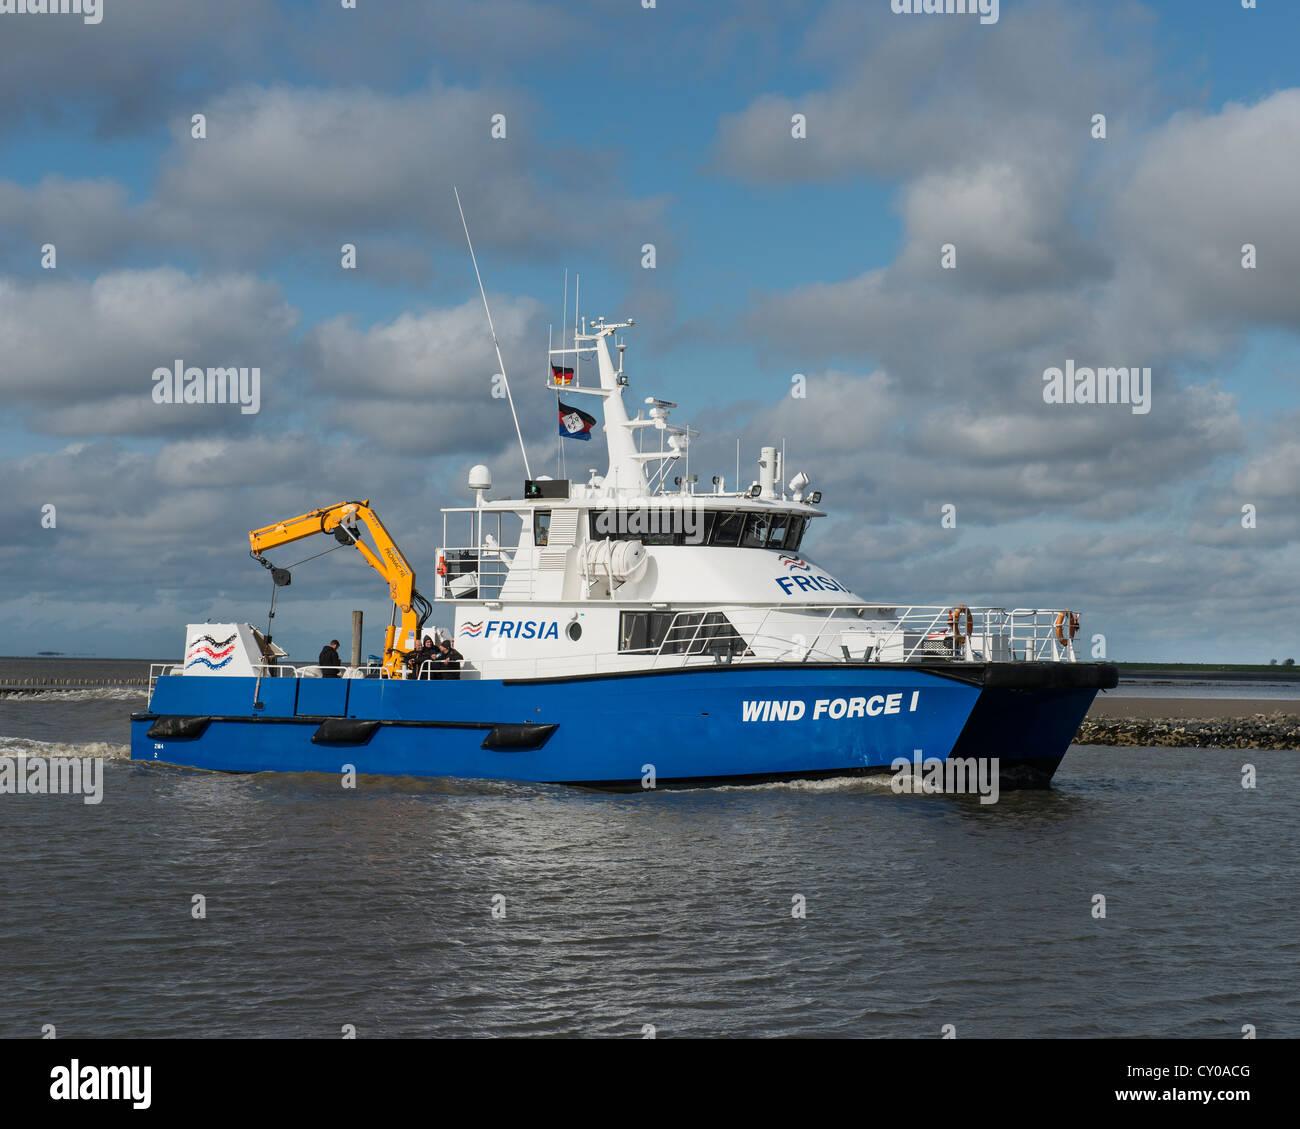 Force du vent 'I', catamaran offshore navire de transport pour les personnes et les marchandises à l'éolien offshore Banque D'Images